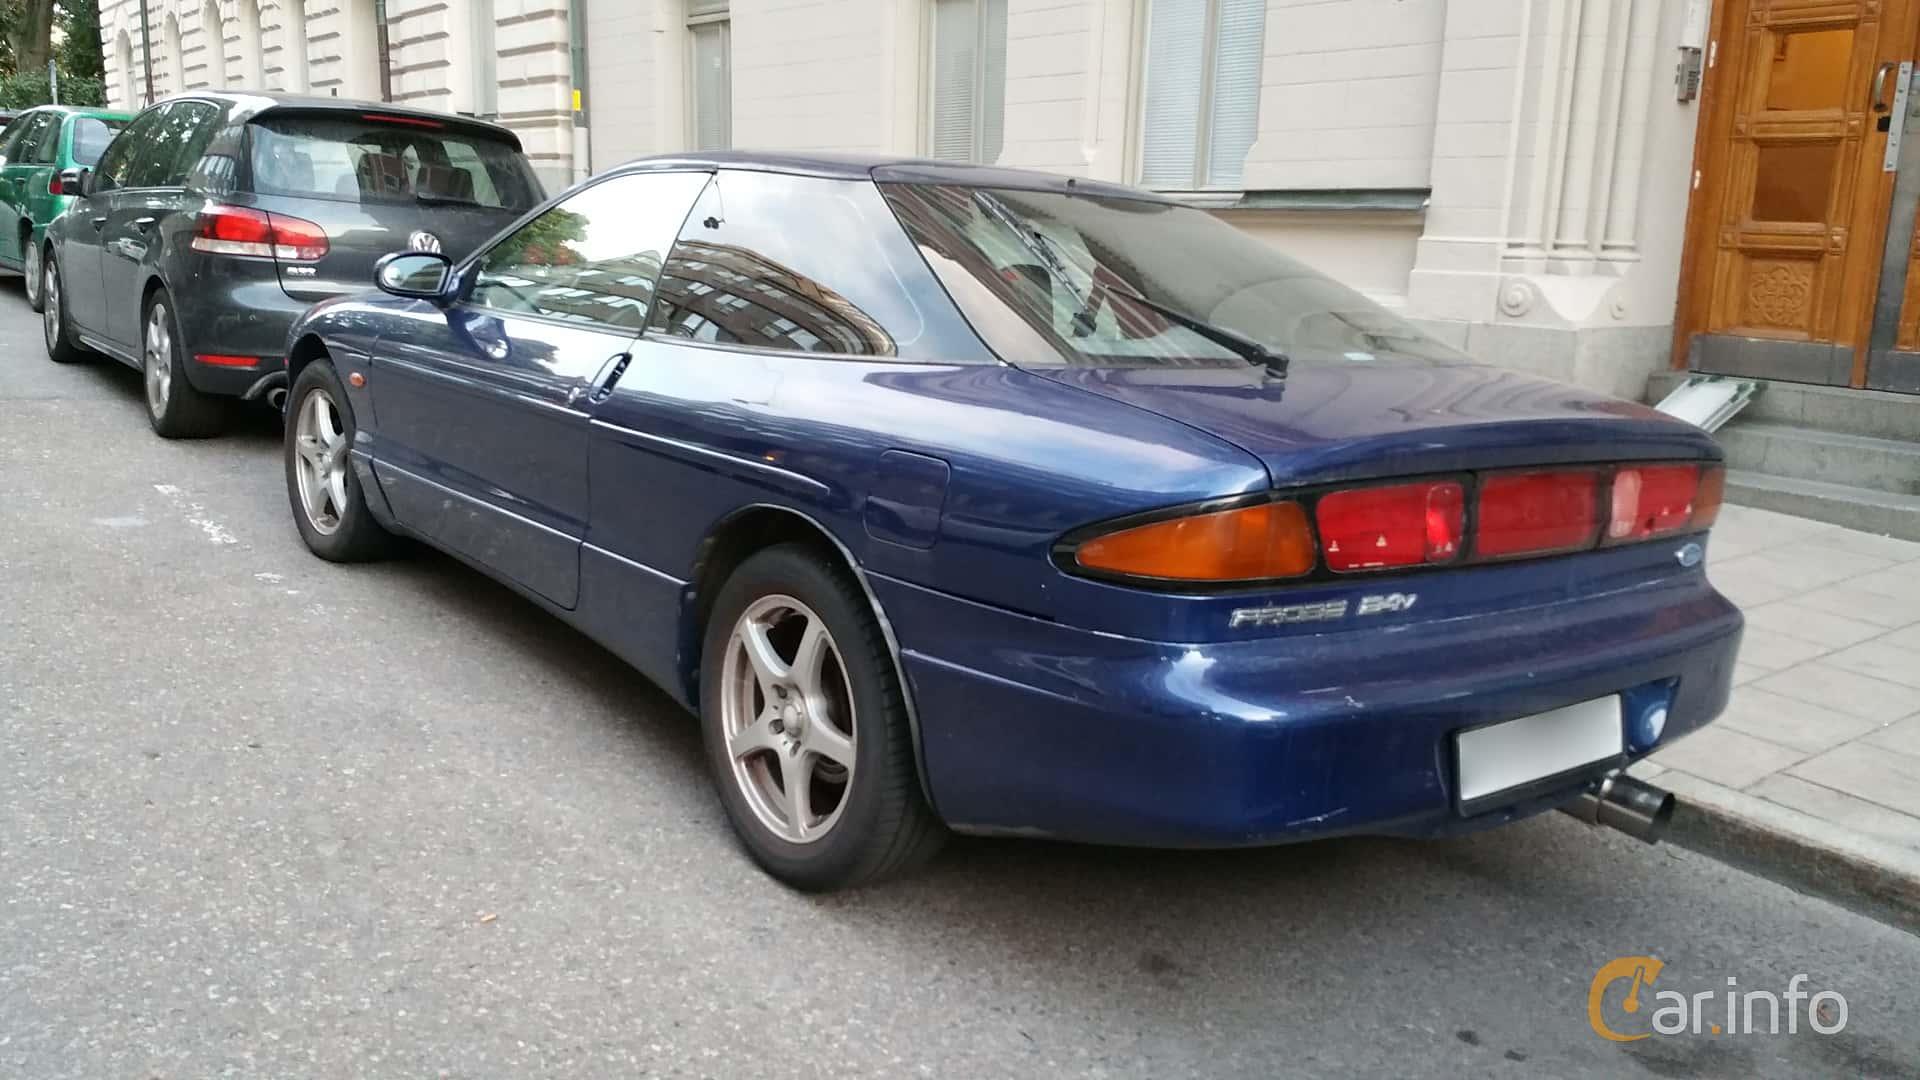 Ford Probe 2.5 V6 Manual, 163hp, 1995